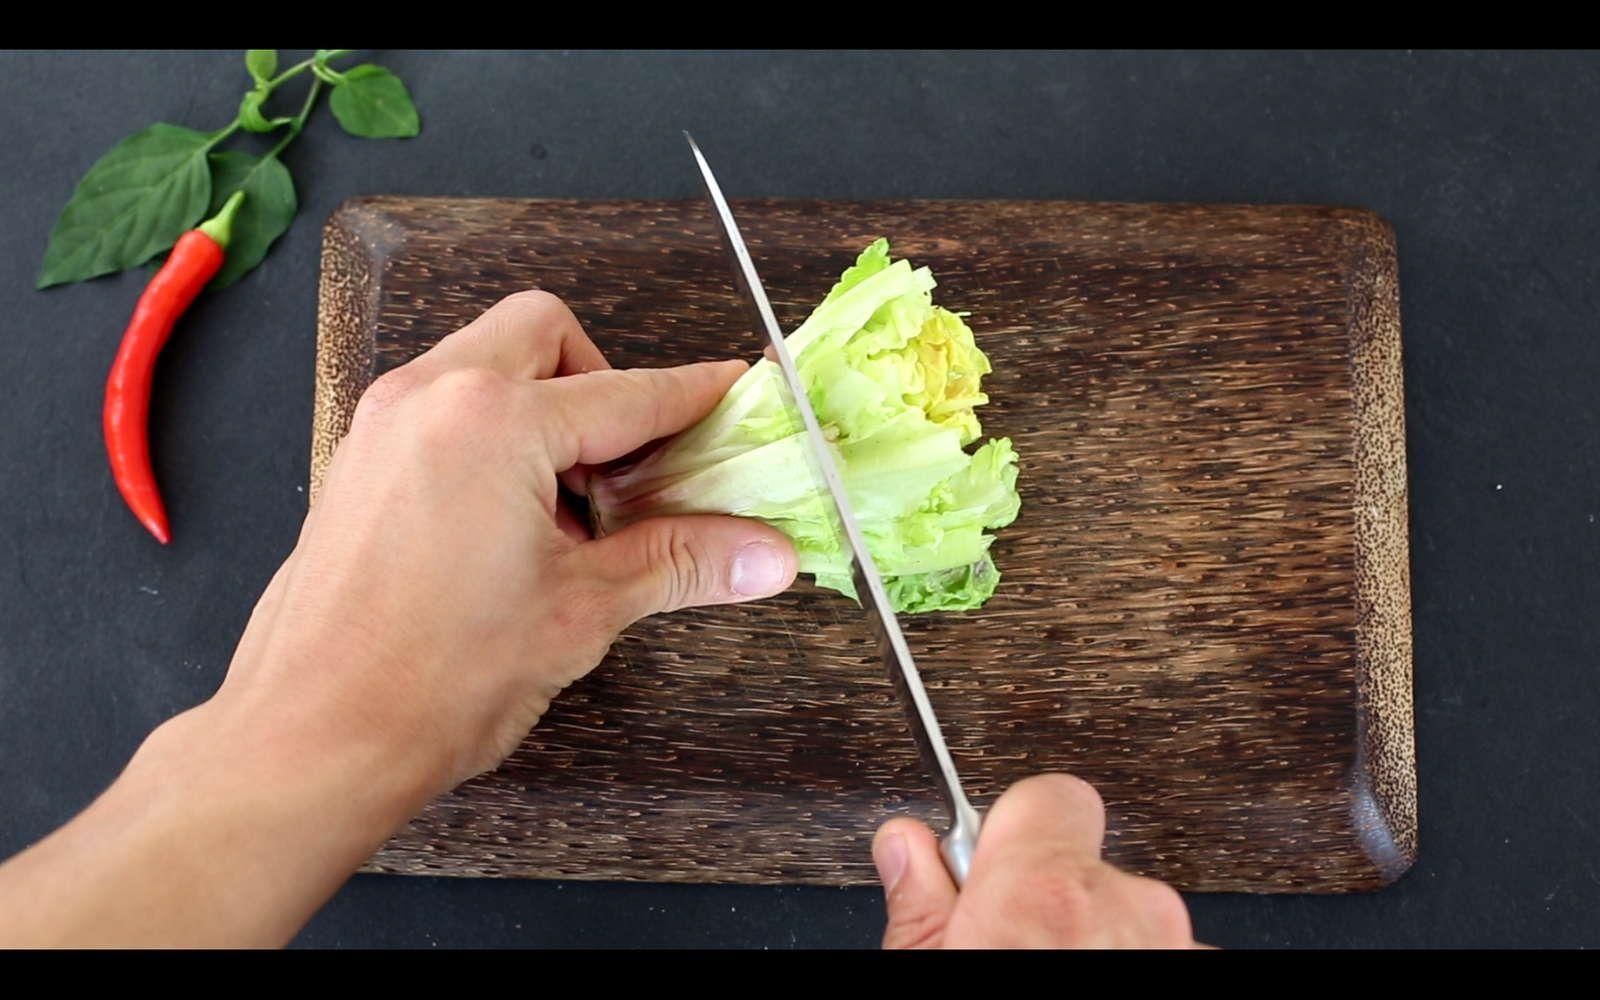 Gemüsereste wiederverwenden Zwiebel, Sellerie & Co bewurzeln ...